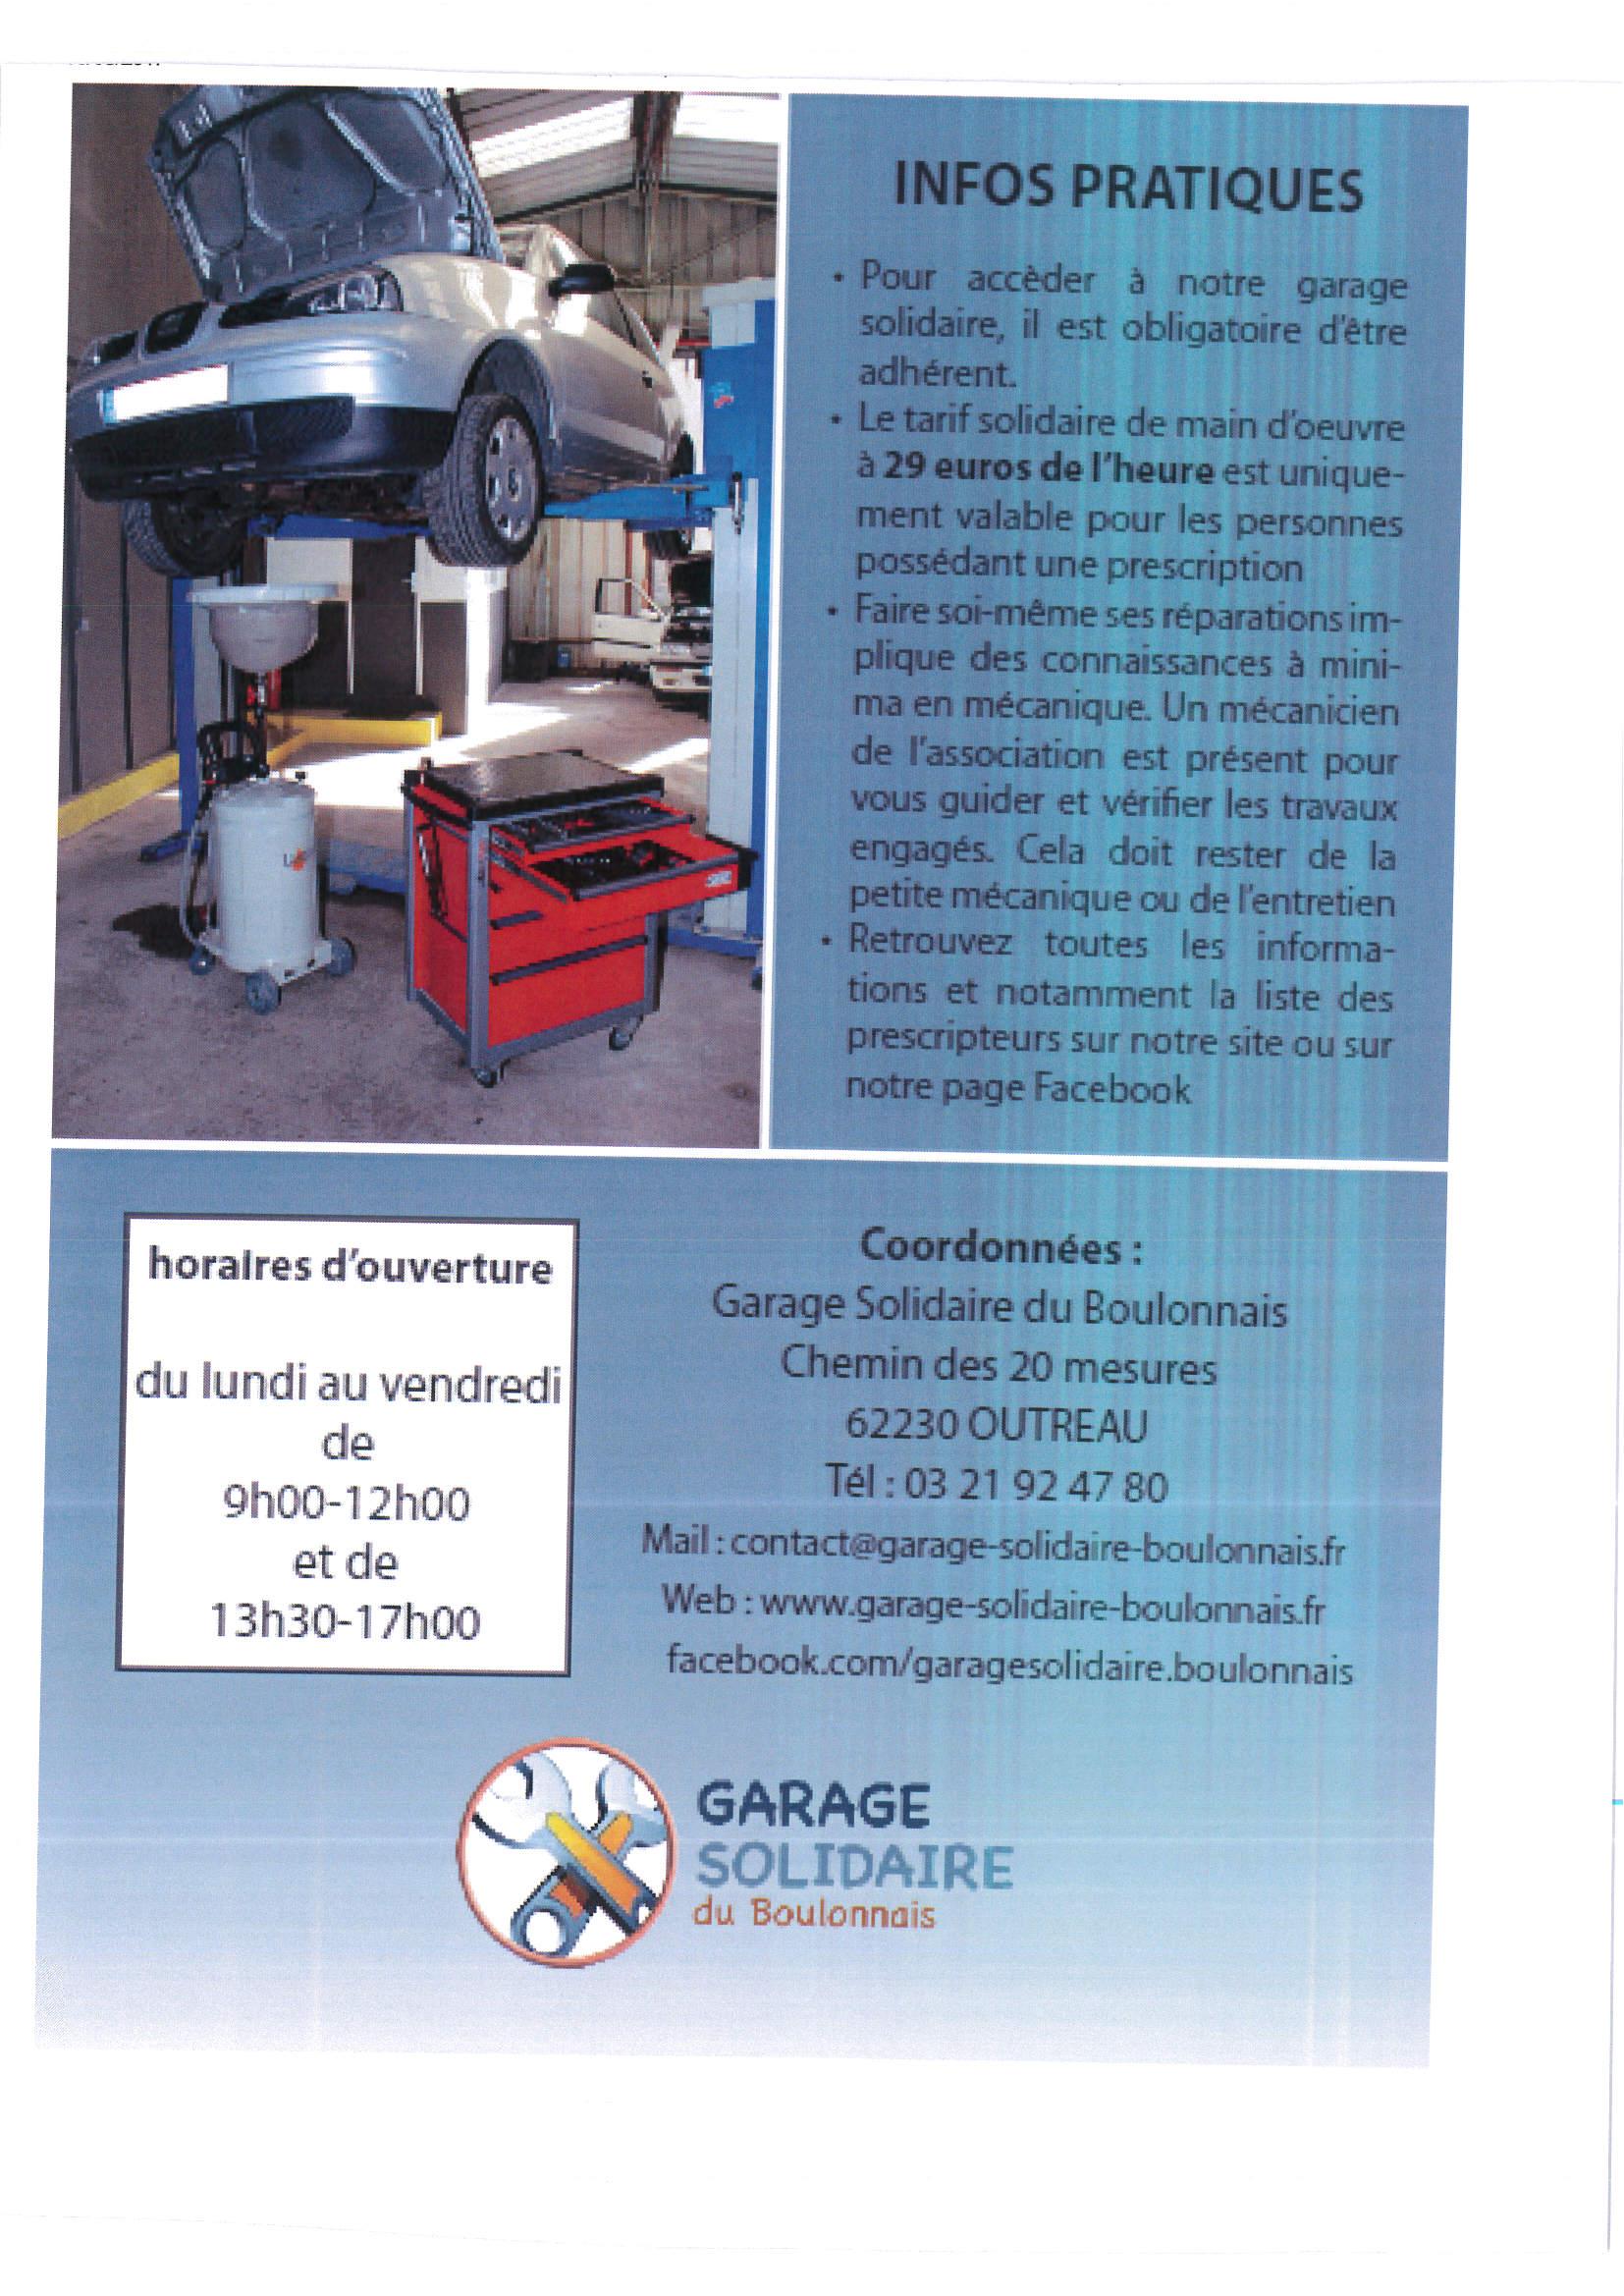 garagesolidaire_002.jpg